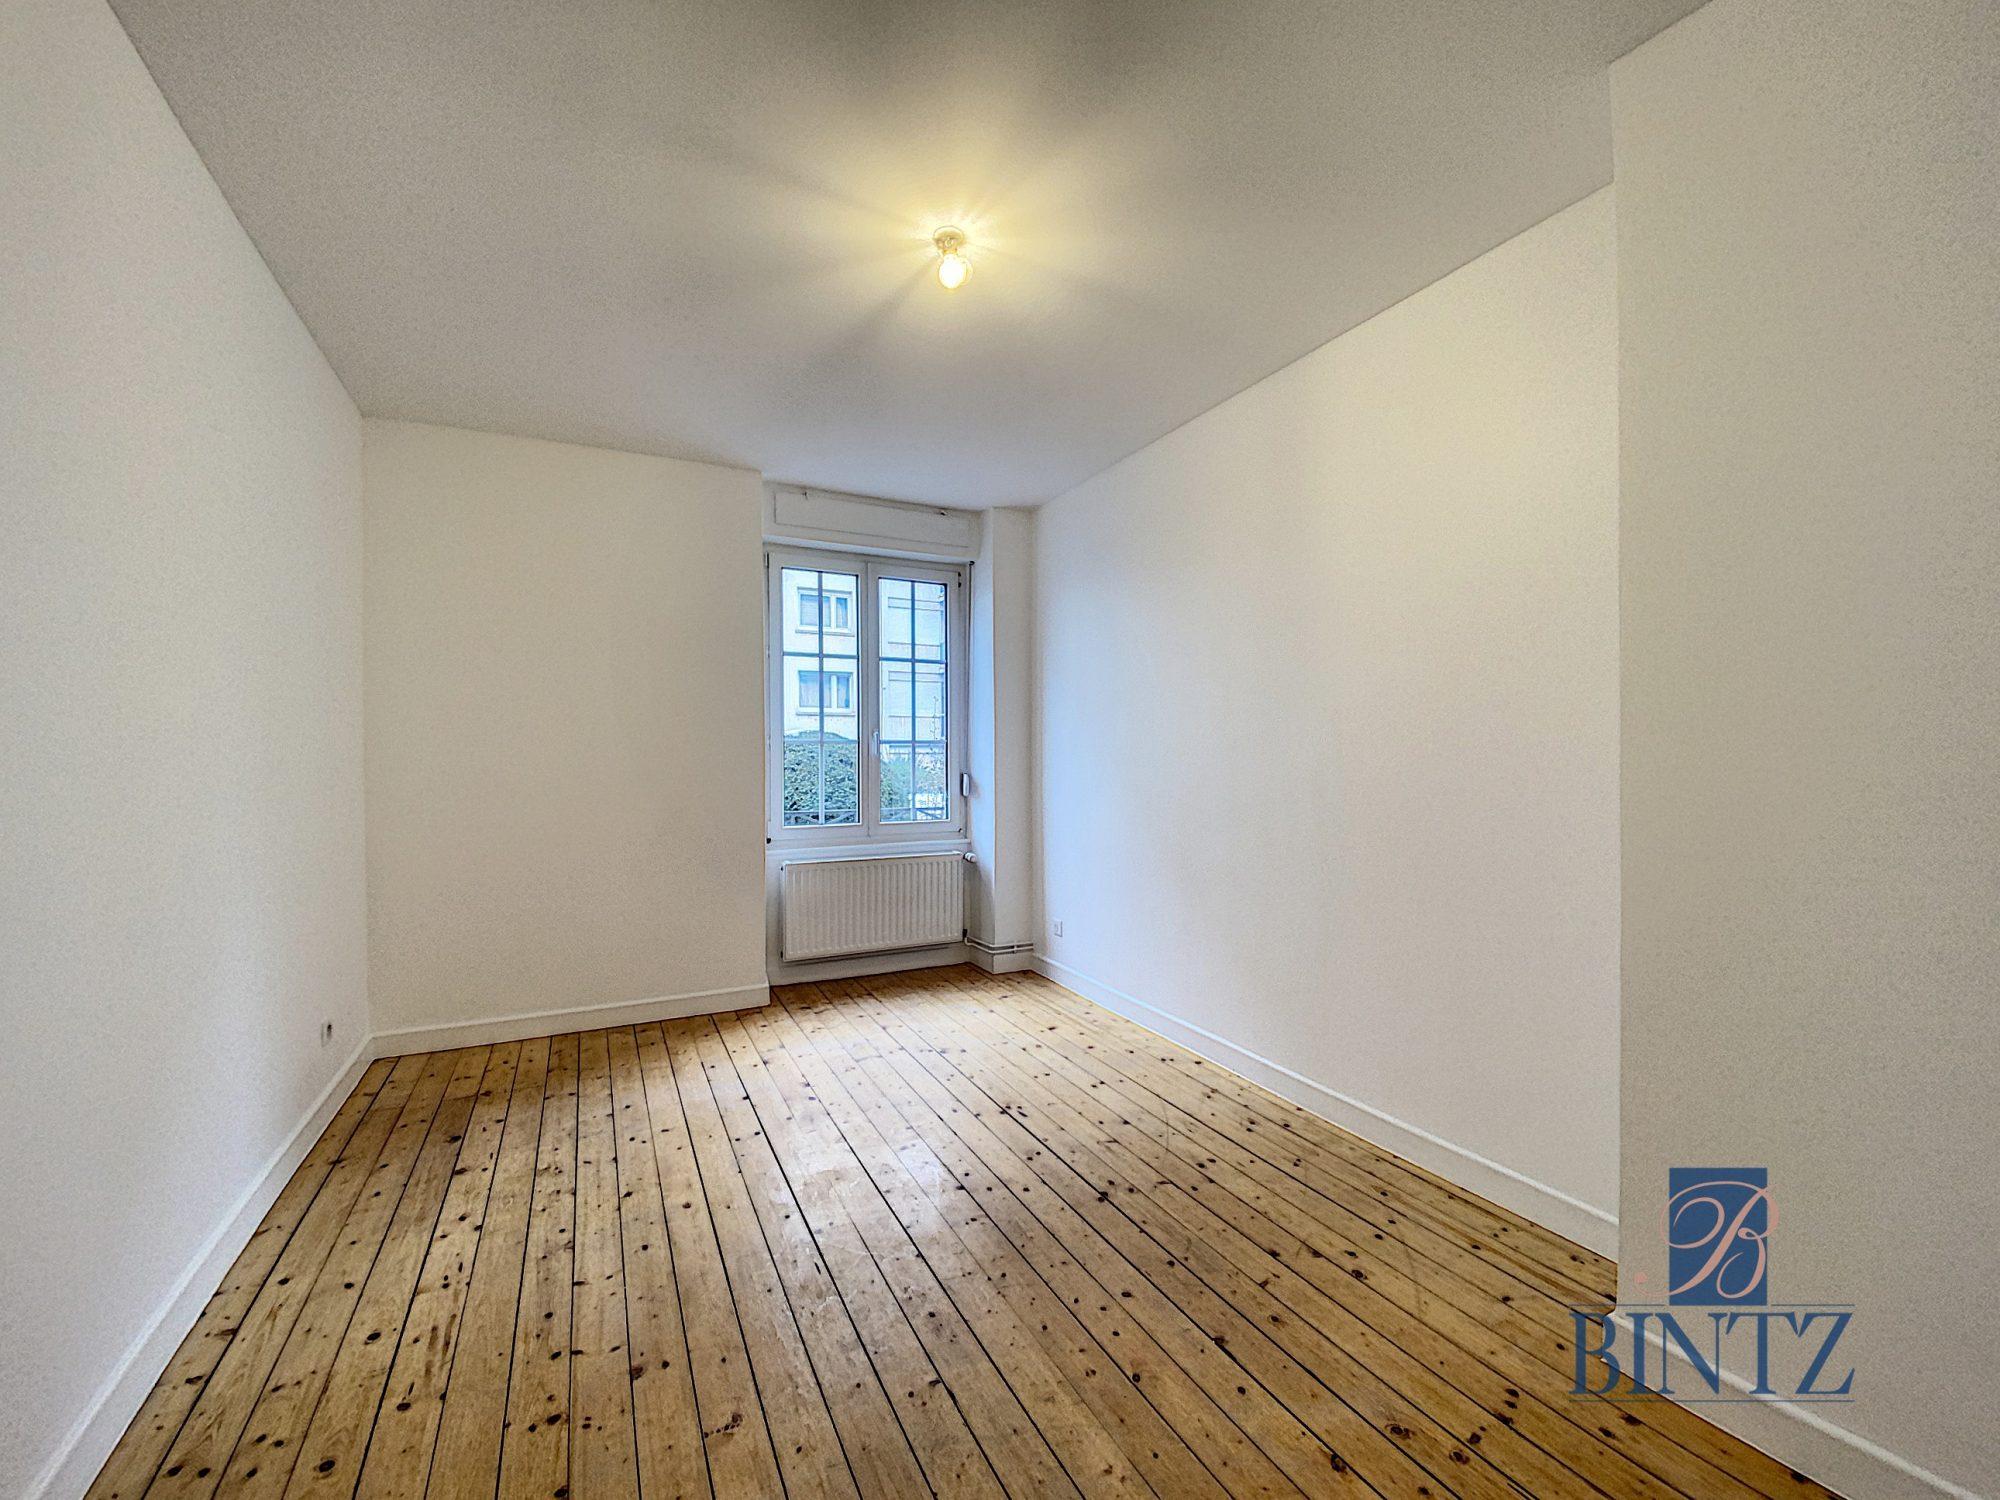 Appartement 3 pièces 69m2 dans le quartier des XV - Devenez propriétaire en toute confiance - Bintz Immobilier - 9